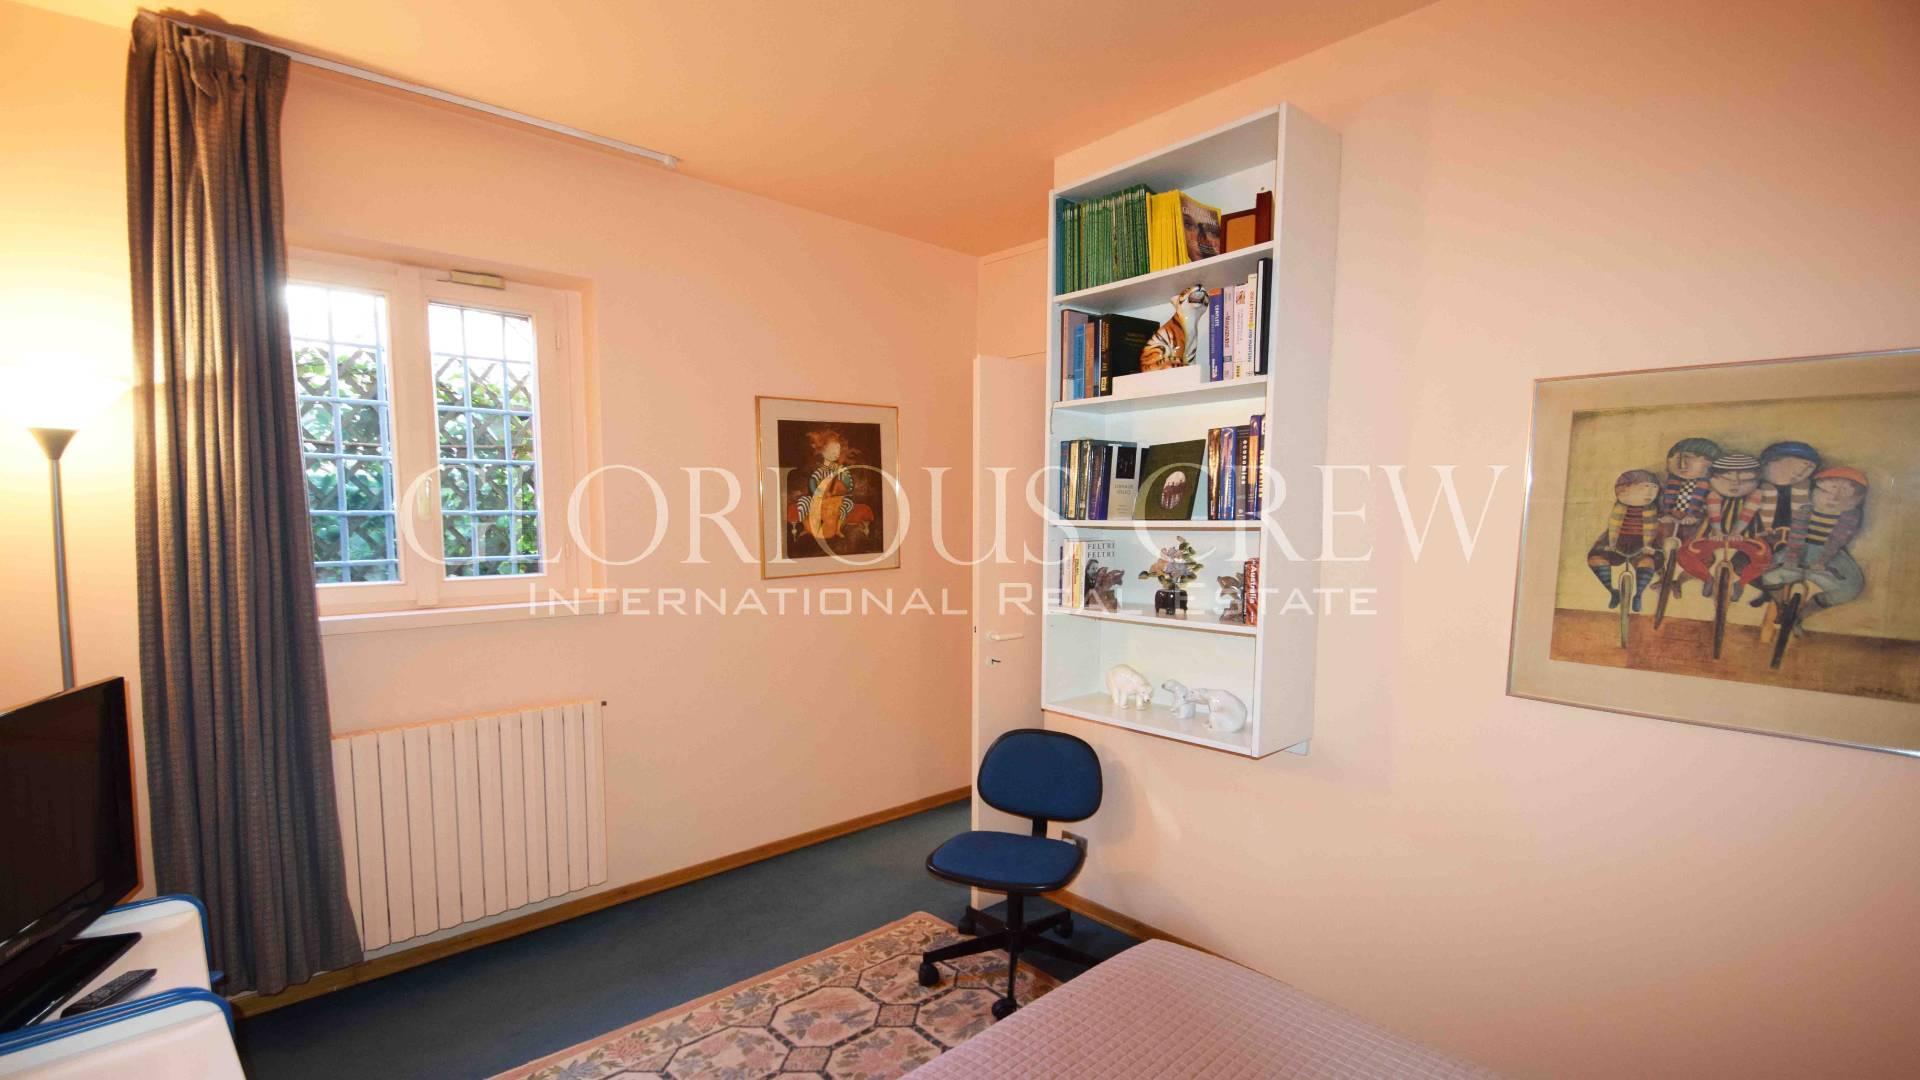 Appartamento in Vendita a Milano: 4 locali, 129 mq - Foto 7